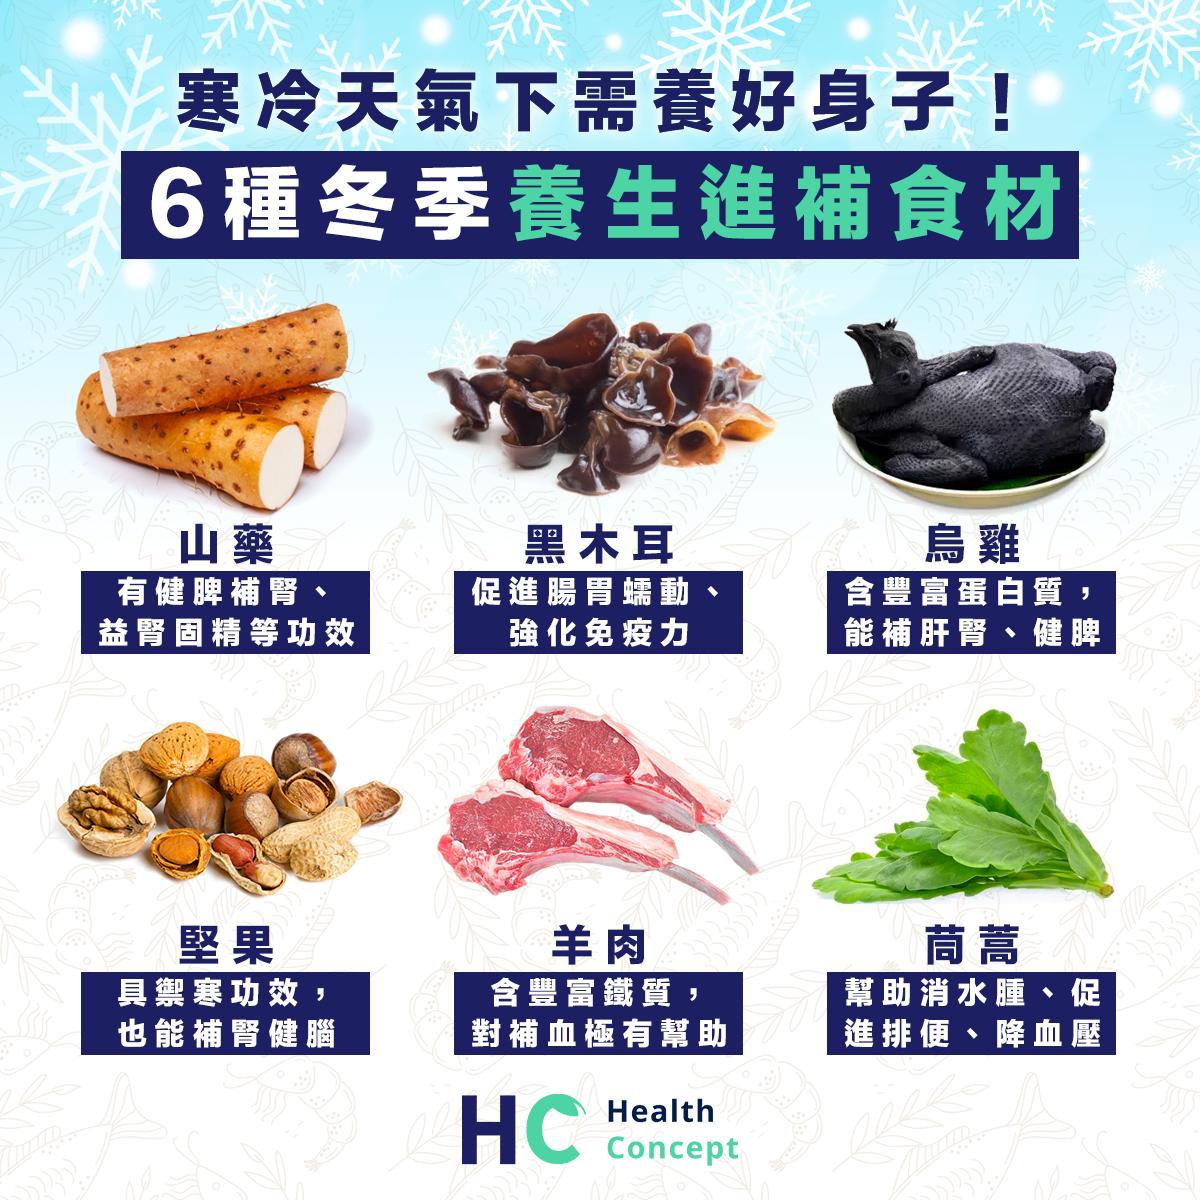 寒冷天氣下需養好身子!6種冬季養生進補食材